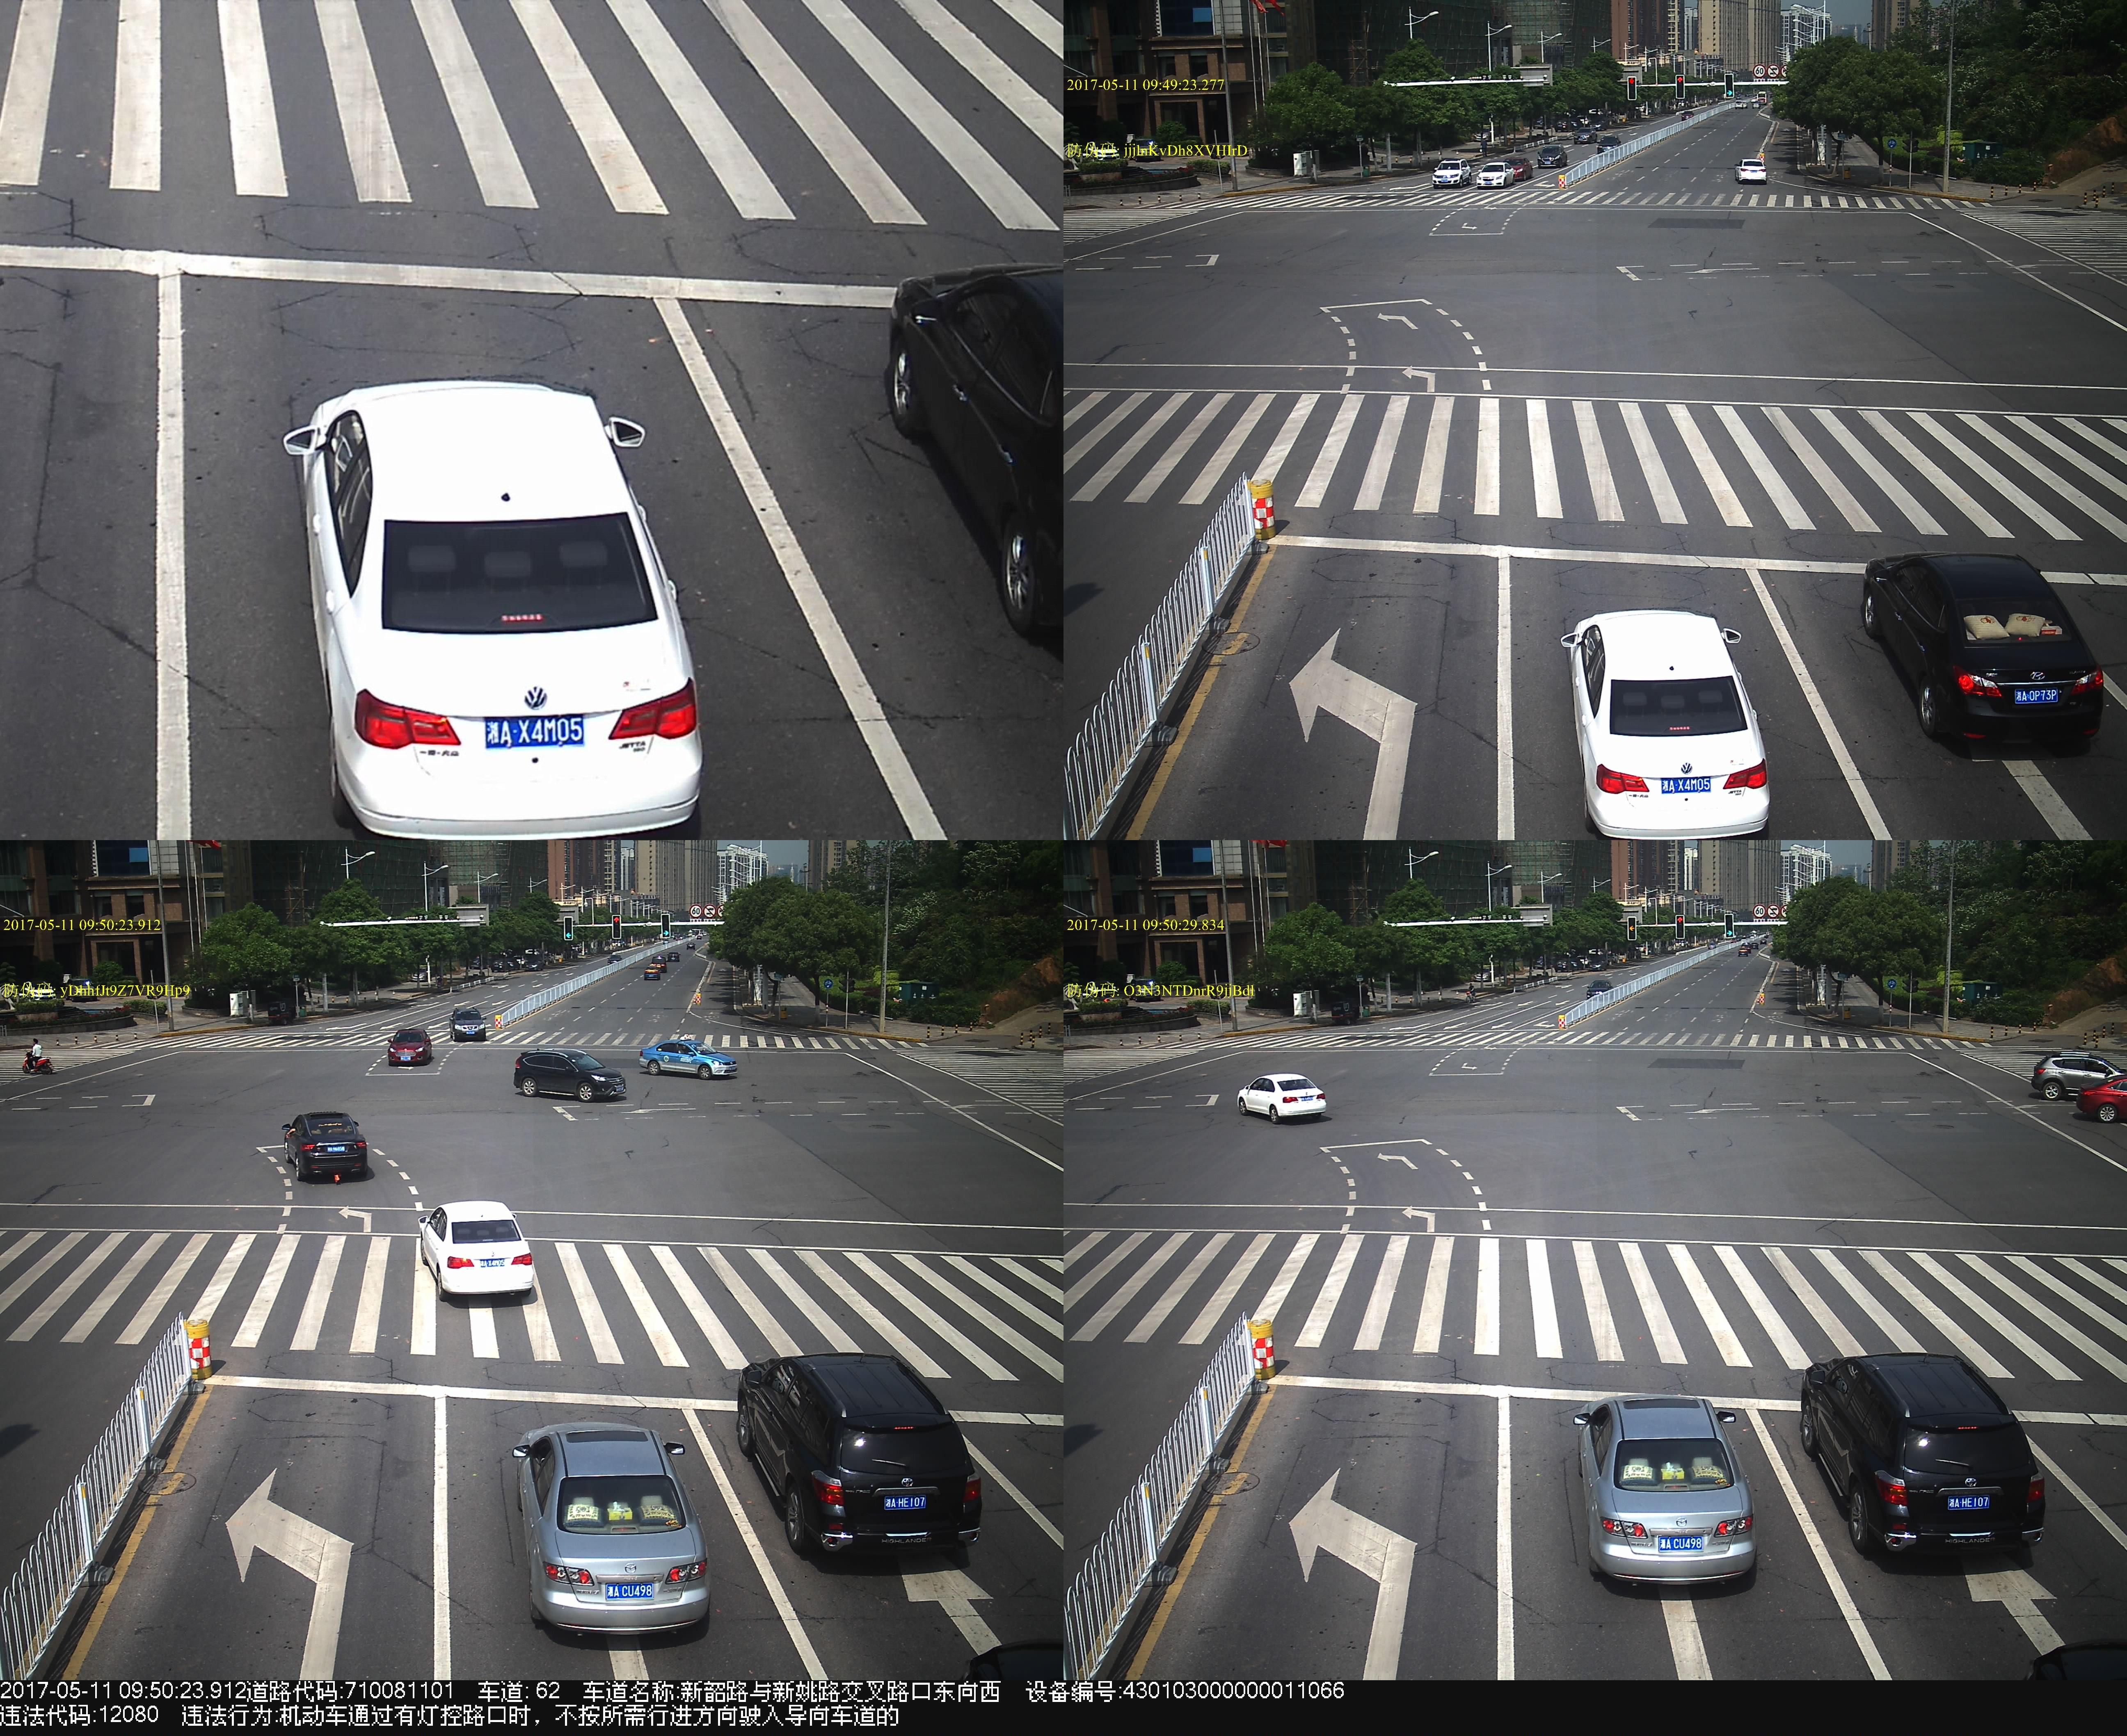 湘ax4m05 不按导向车道行驶